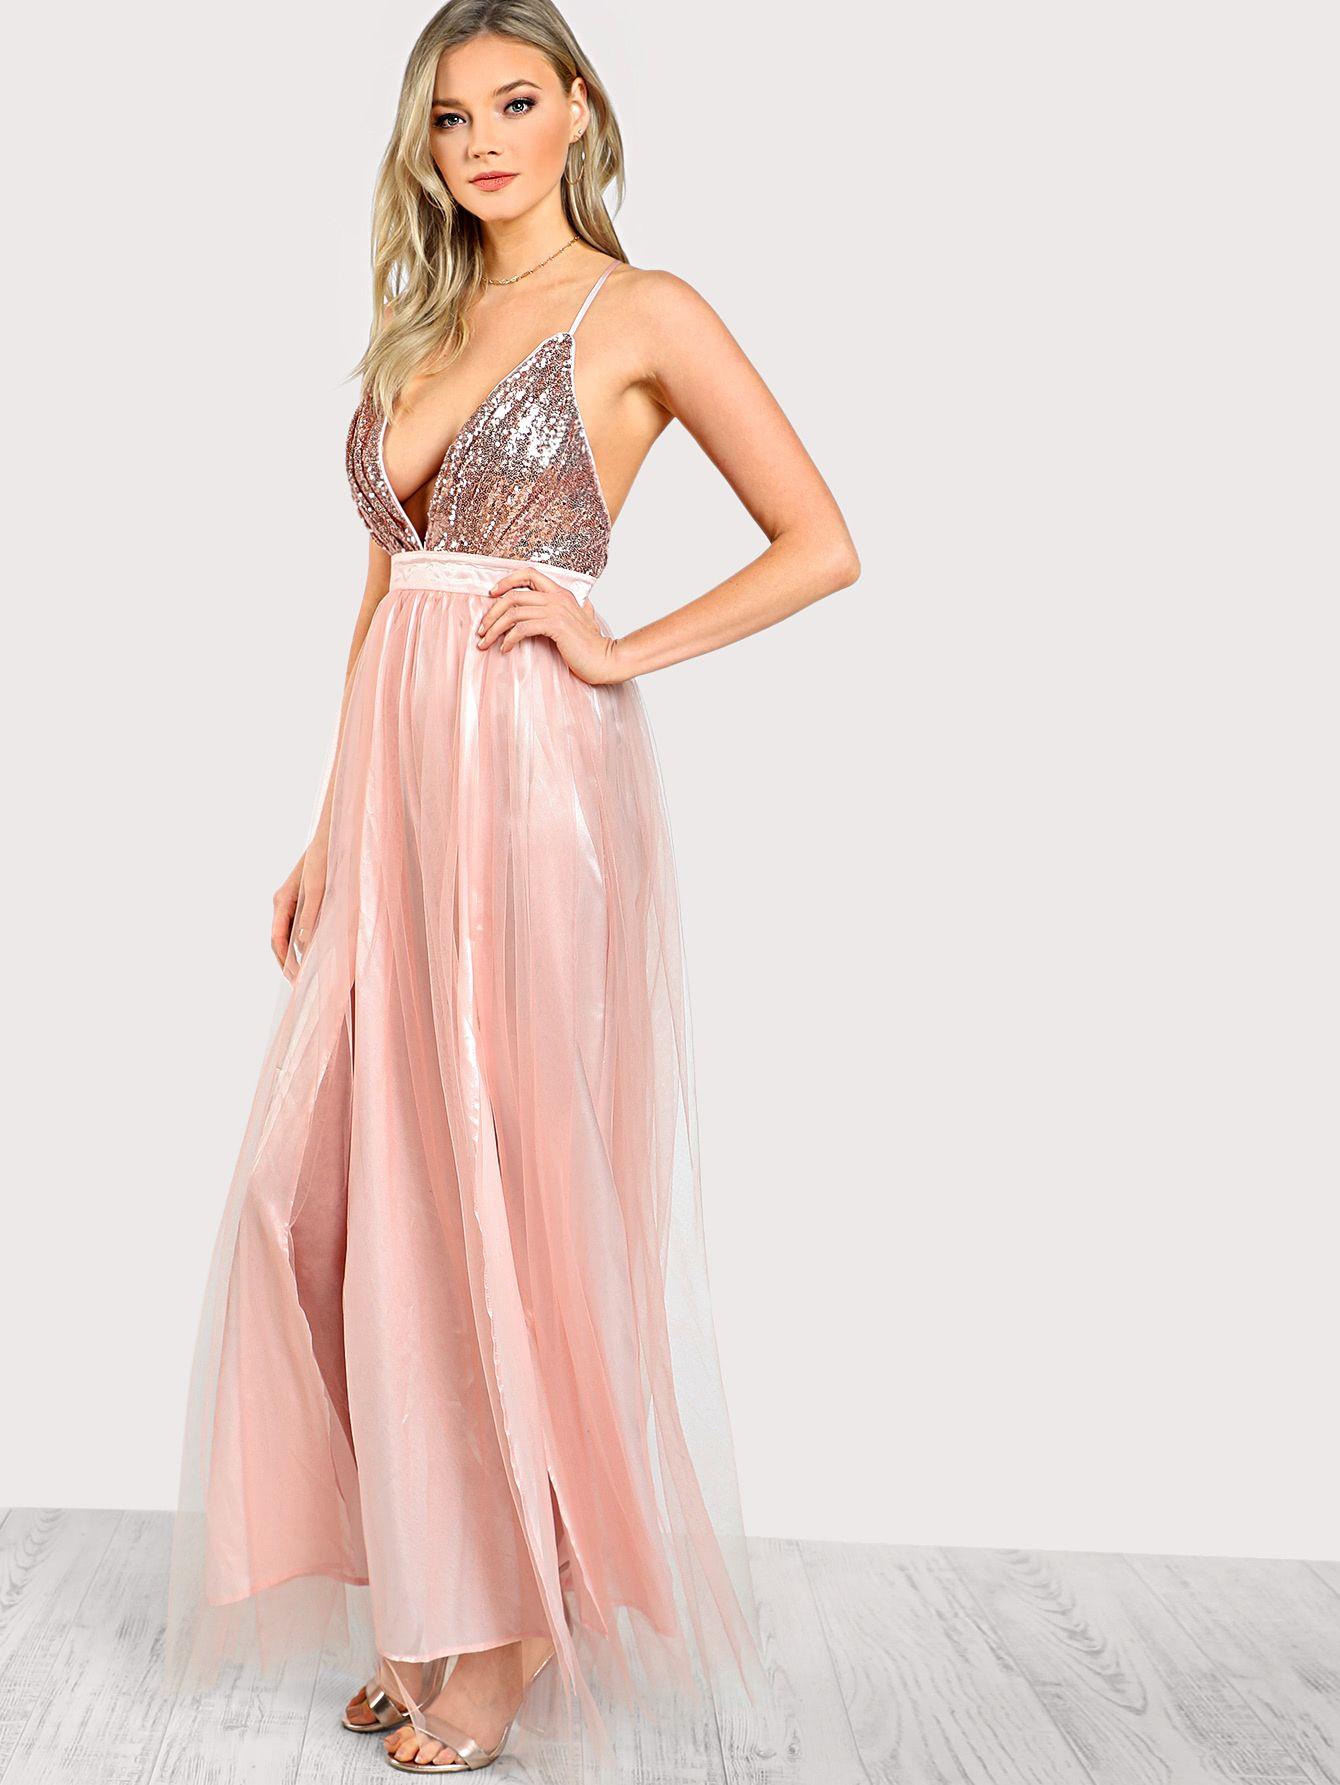 Vestido en malla con lentejuela | links vestidos boda | Pinterest ...